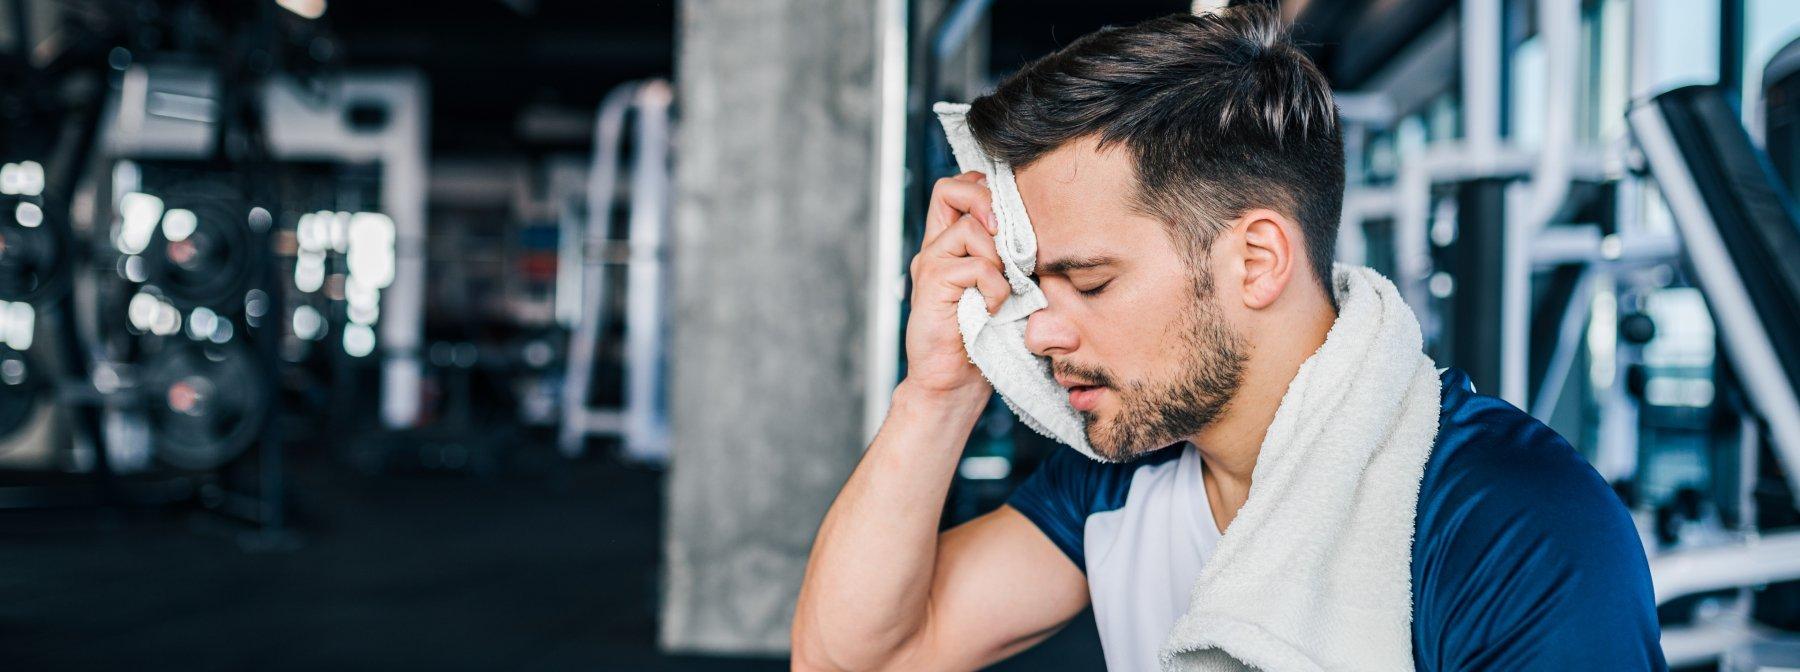 Que se passerait-il si vous arrêtiez la musculation ?